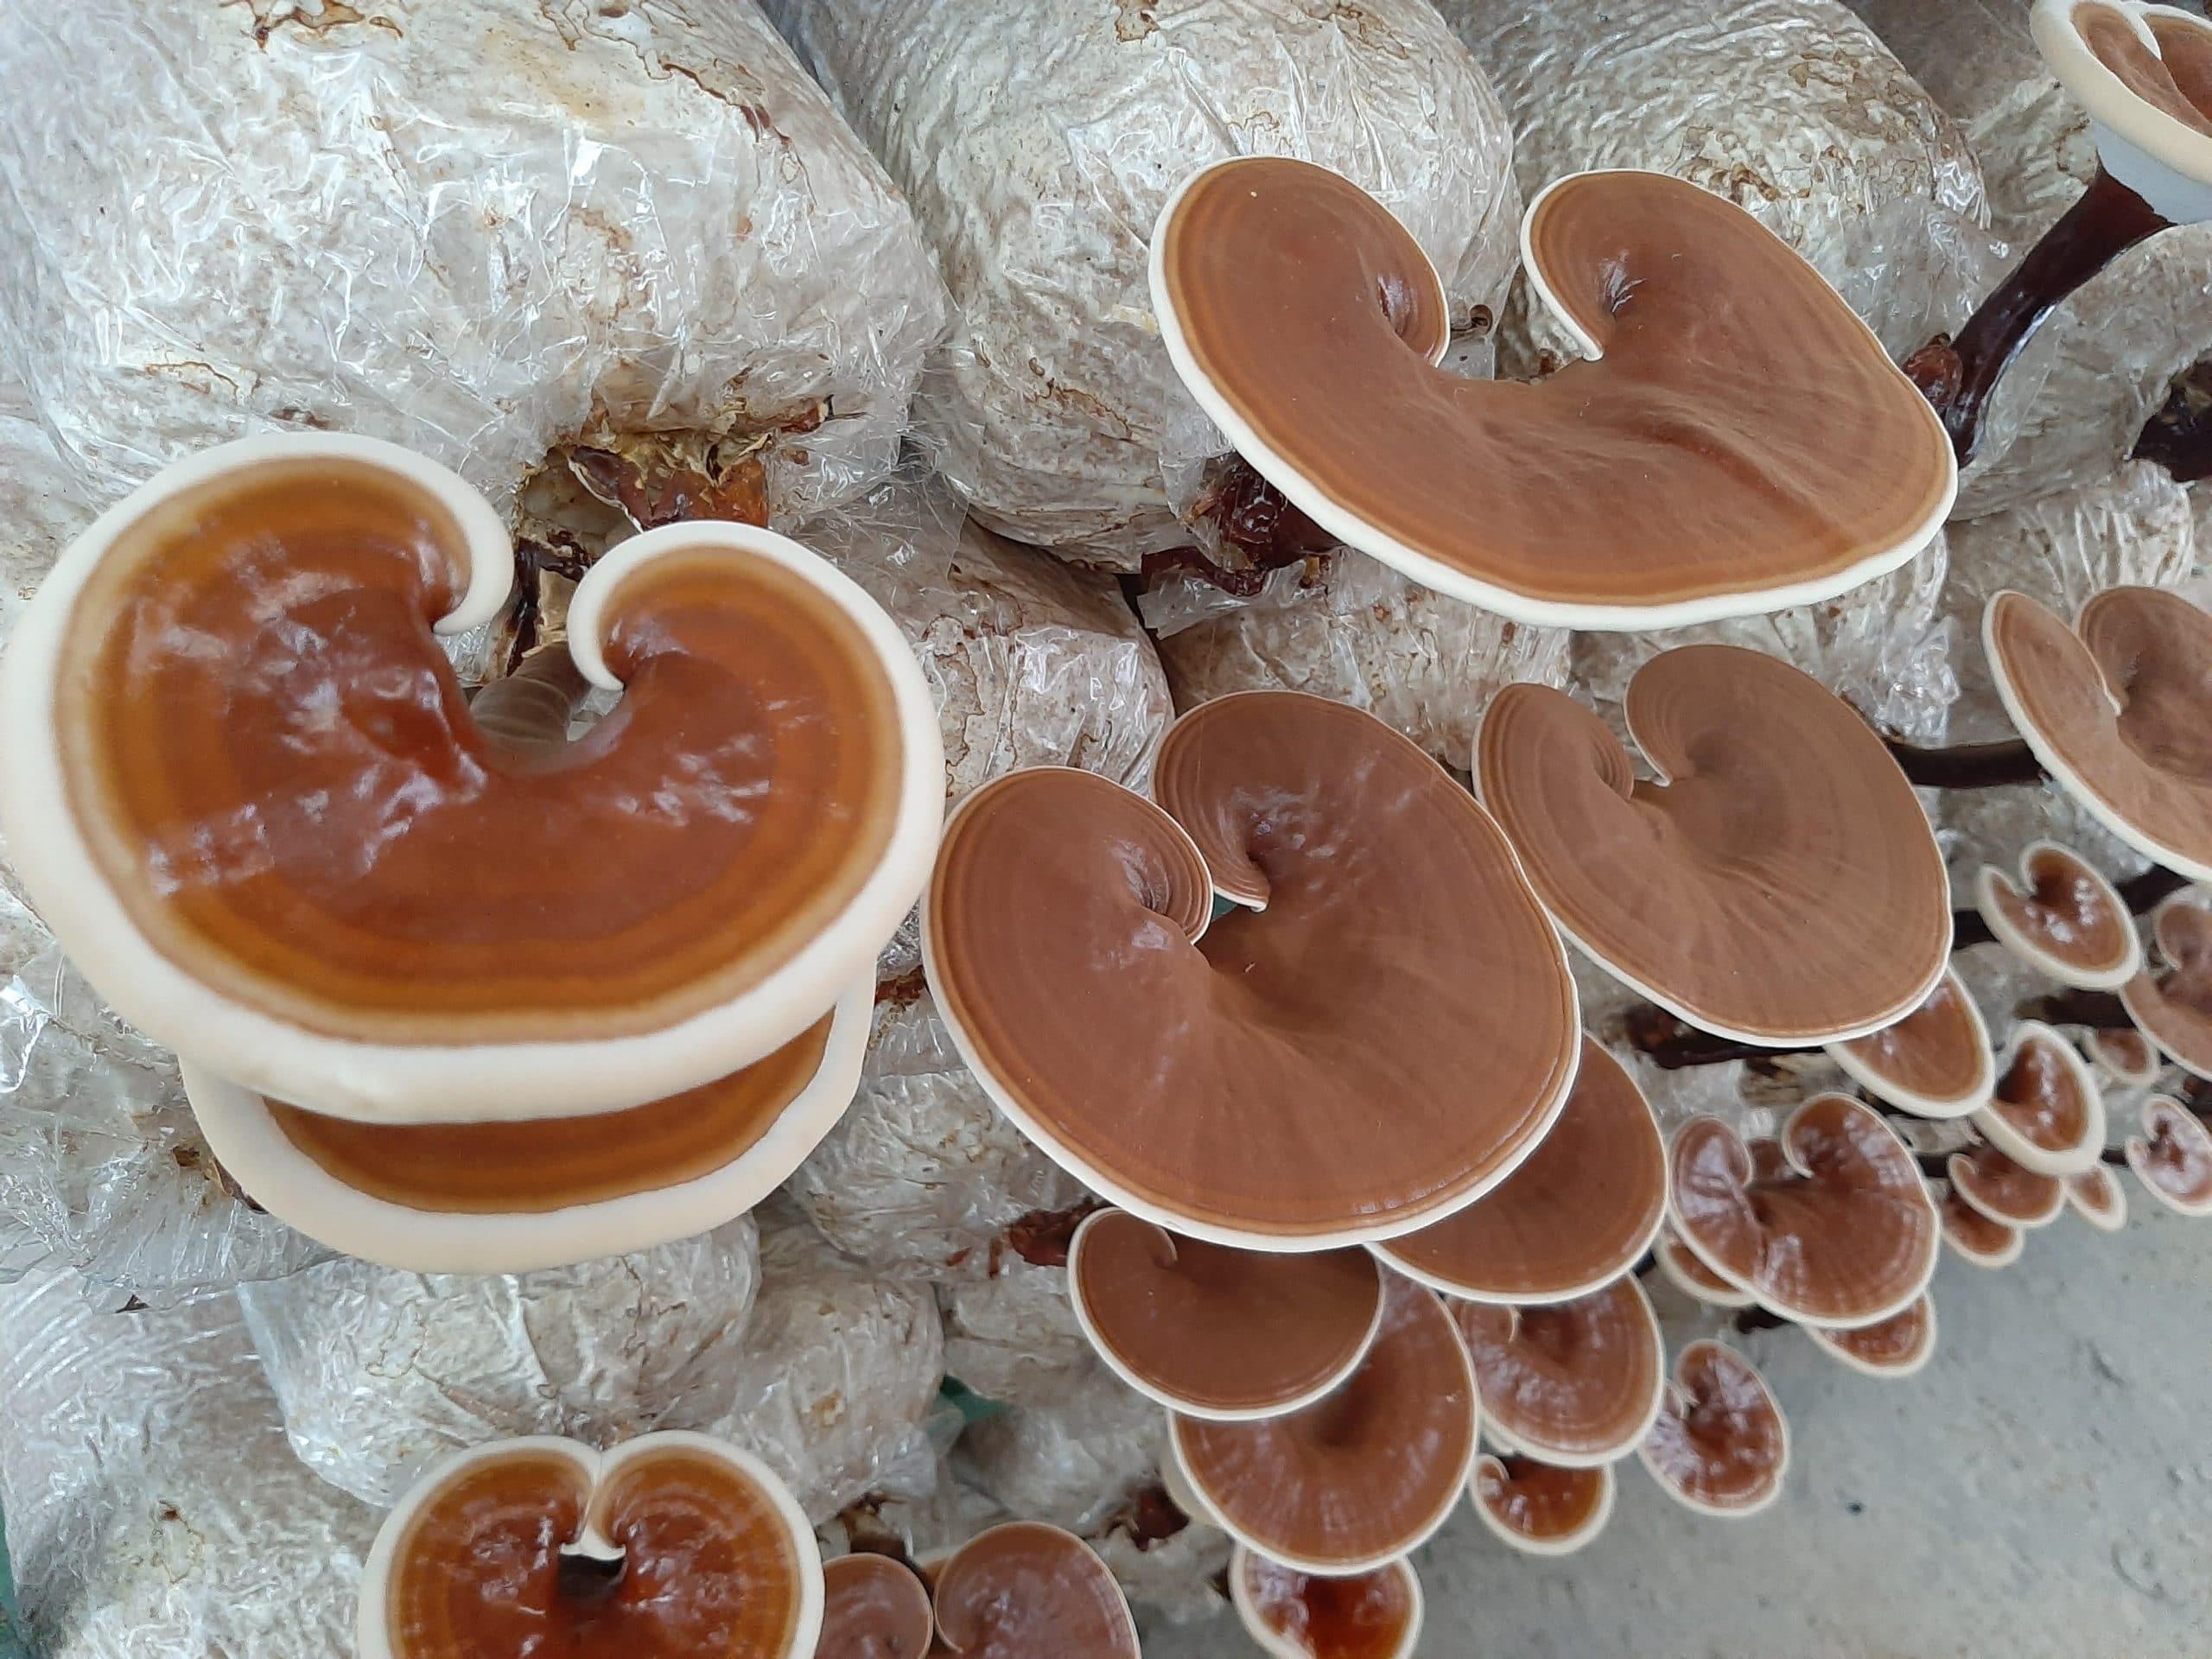 Nấm linh chi được nuôi trồng từ công ty Linh Mộc Sơn.